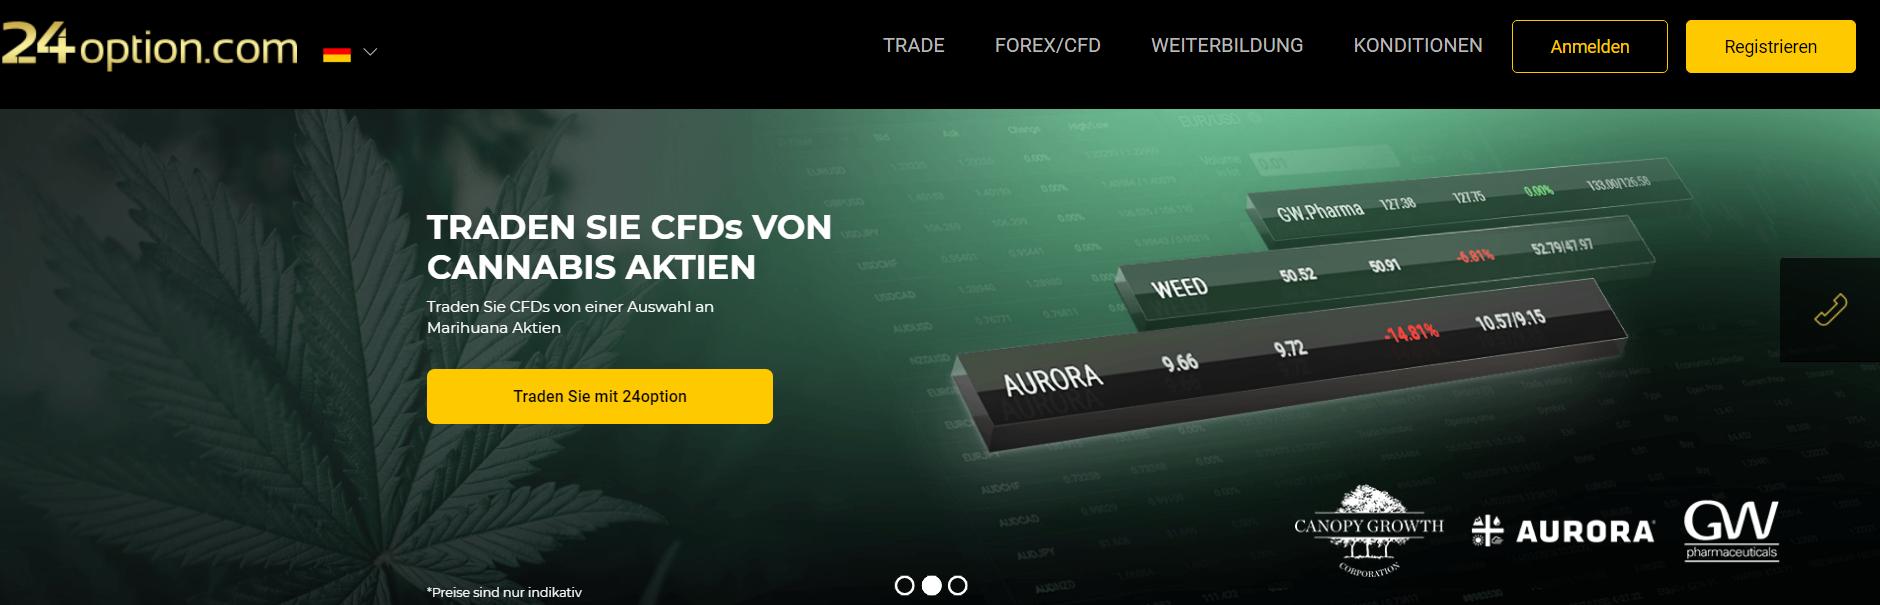 24option bietet verschiedenste Aktien auf CFDs an